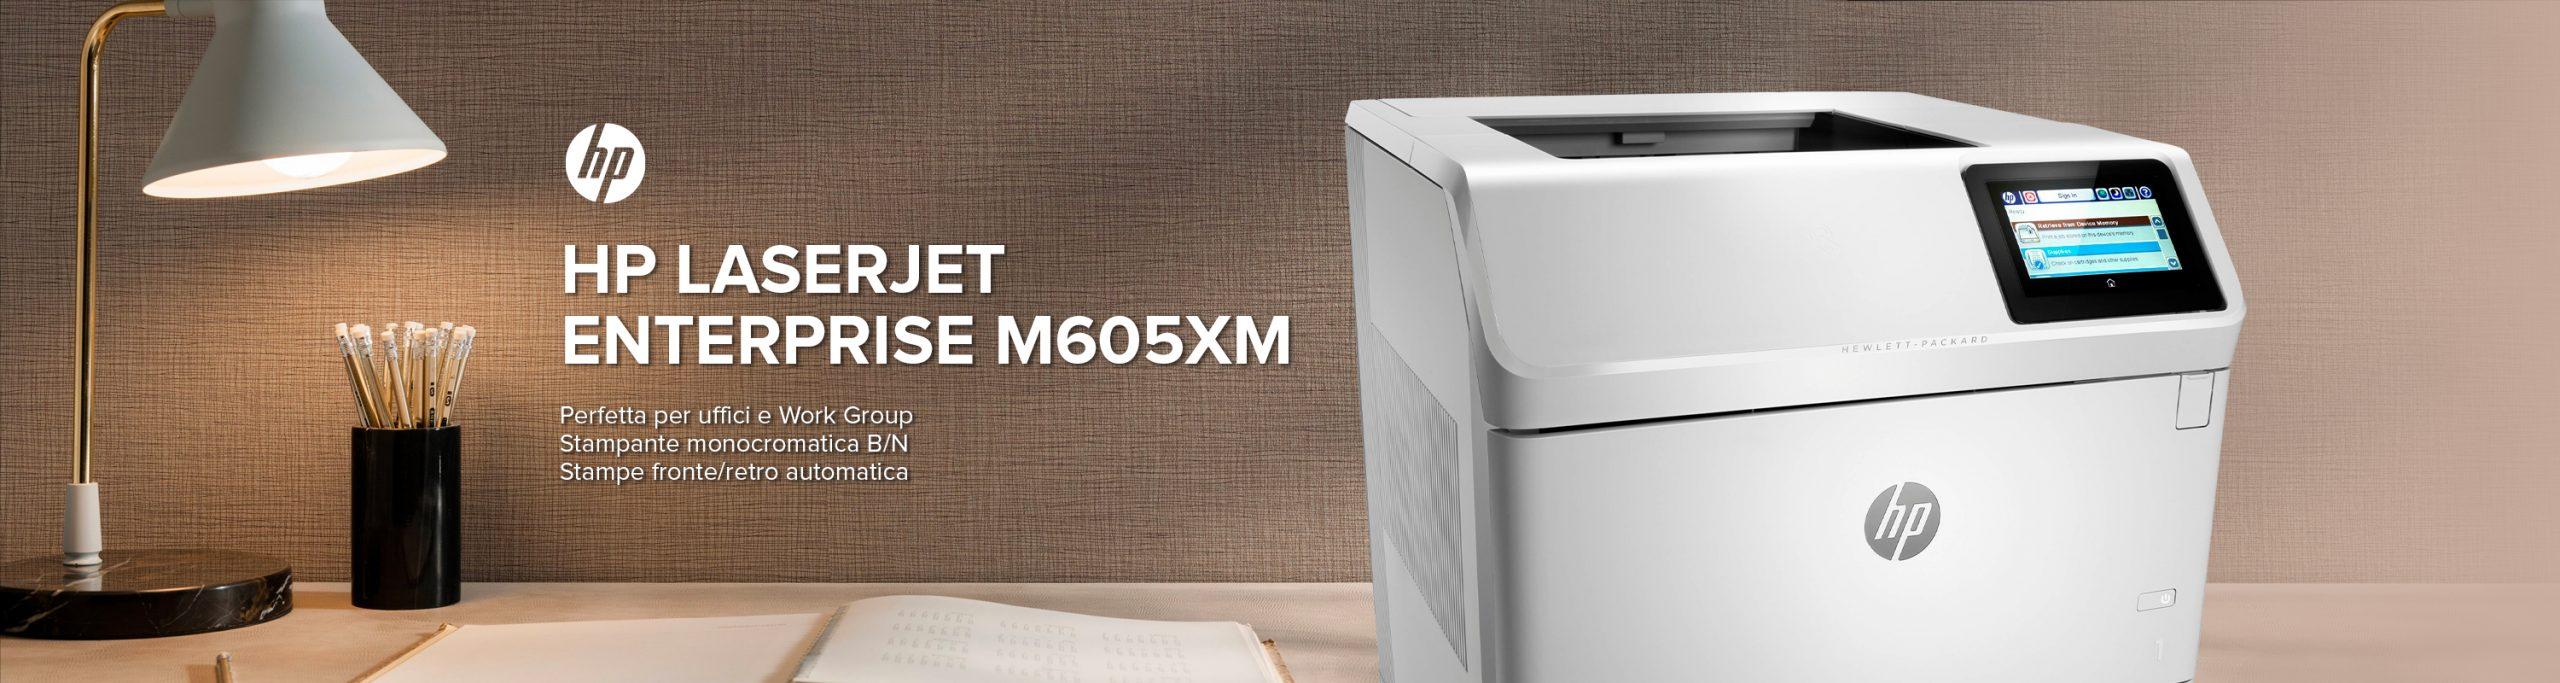 HP LaserJet Enterprise M605xm